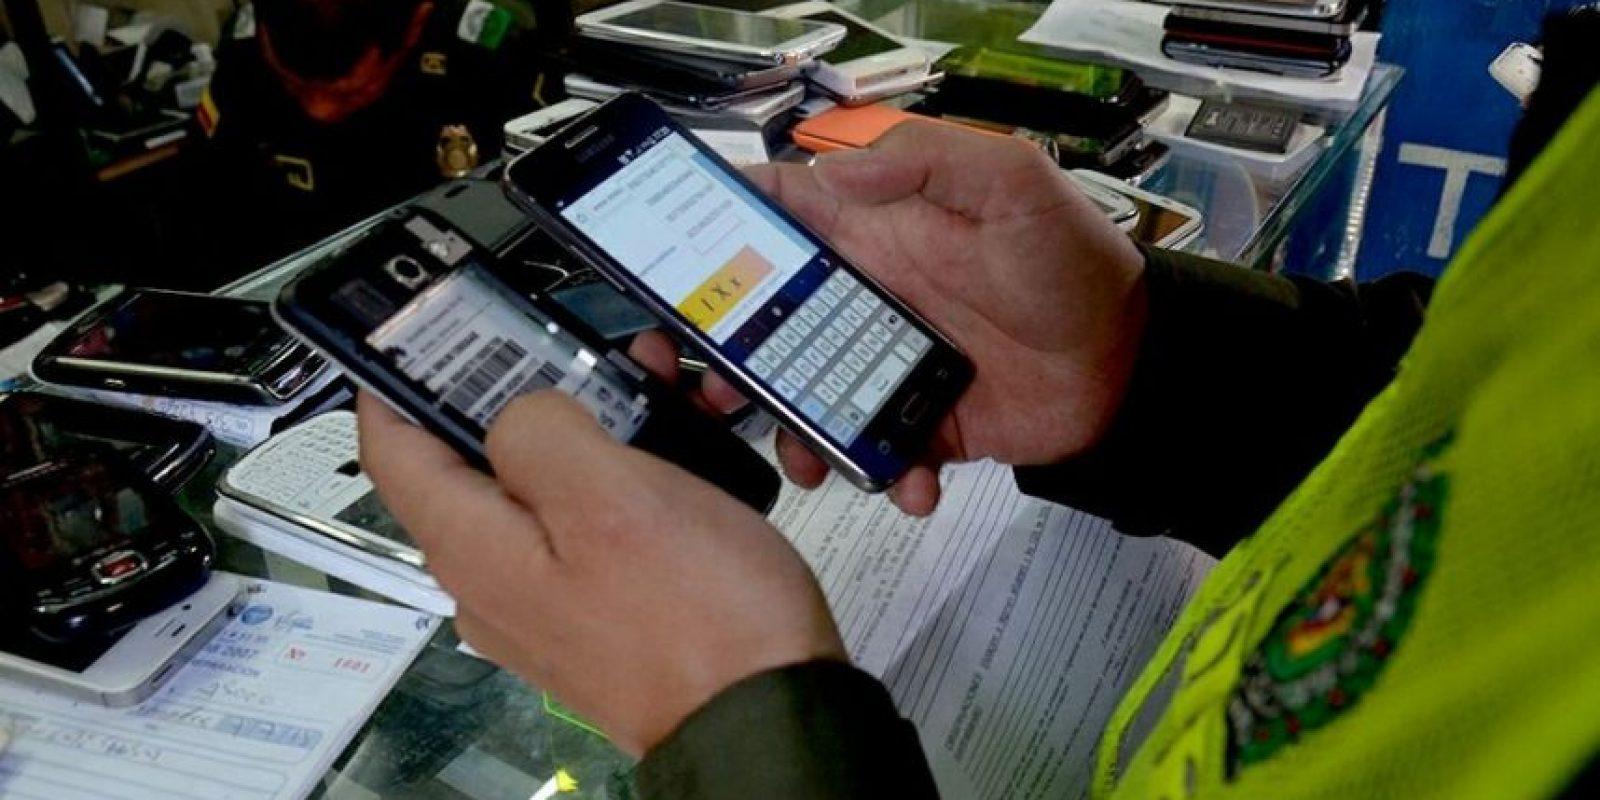 Registro permanente a establecimientos públicos realiza la Policía Metropolitana del Valle de Aburrá. Foto:Cortesía: Policía Metropolitana del Valle de Aburrá